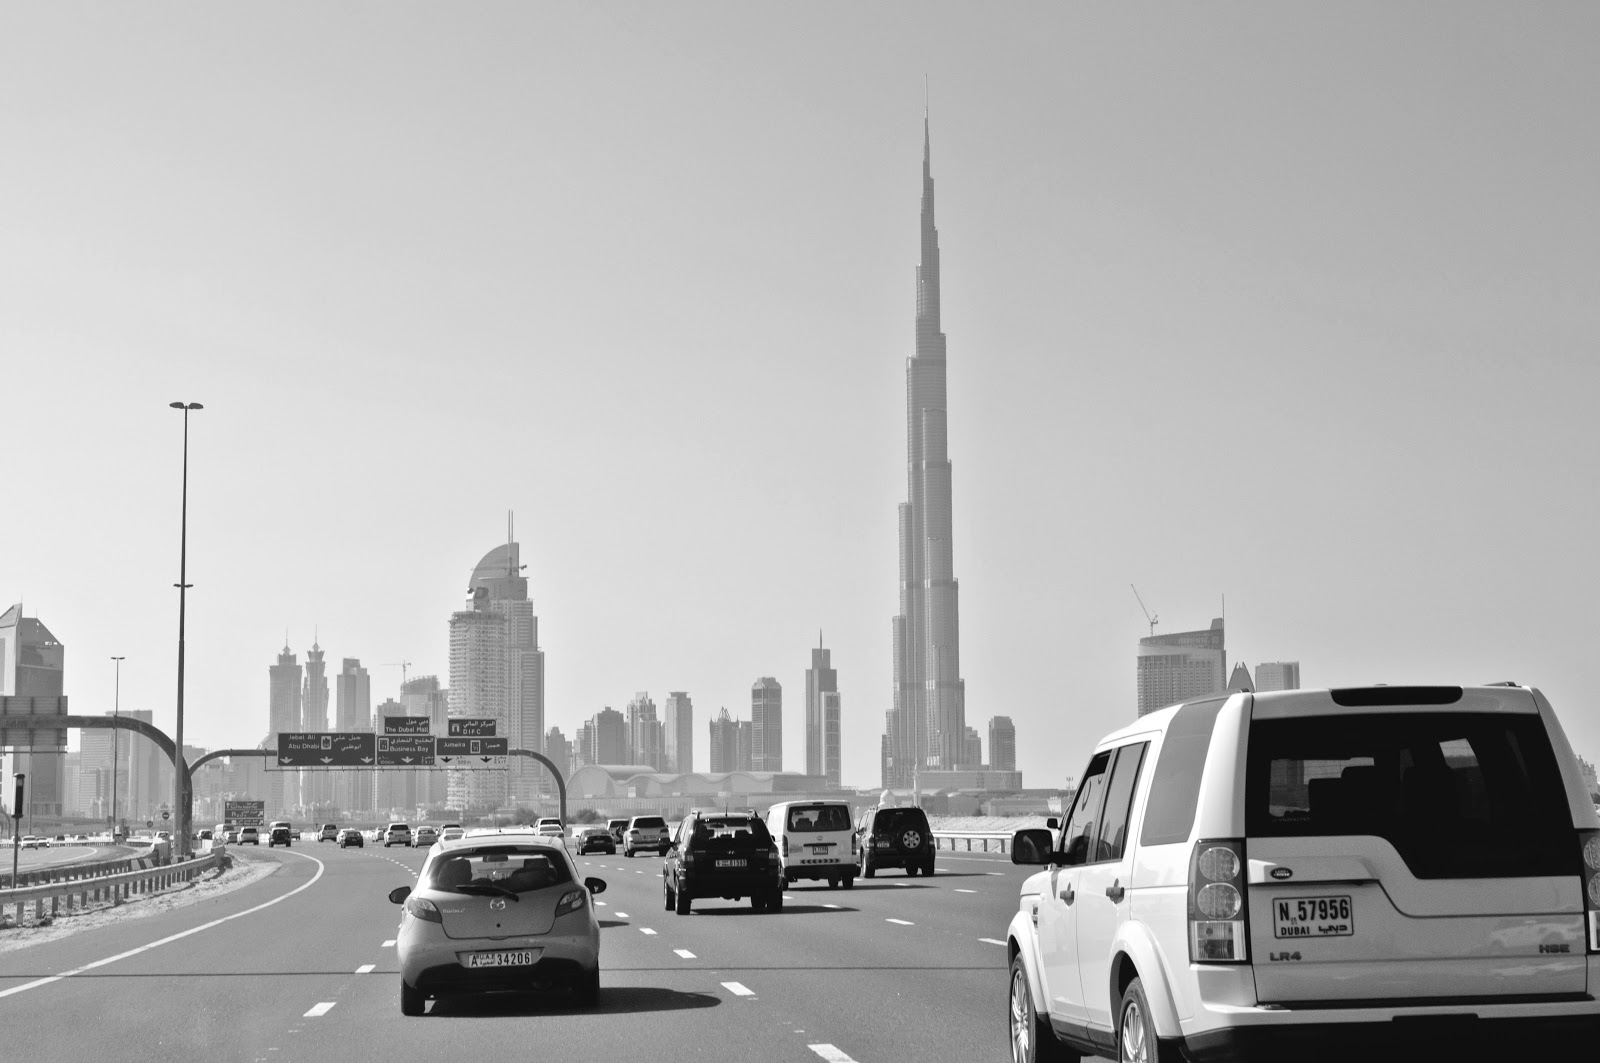 Tanda Tanda Kiamat Yang Sudah Ada Di Jazirah Arab Catatan Islamiyah